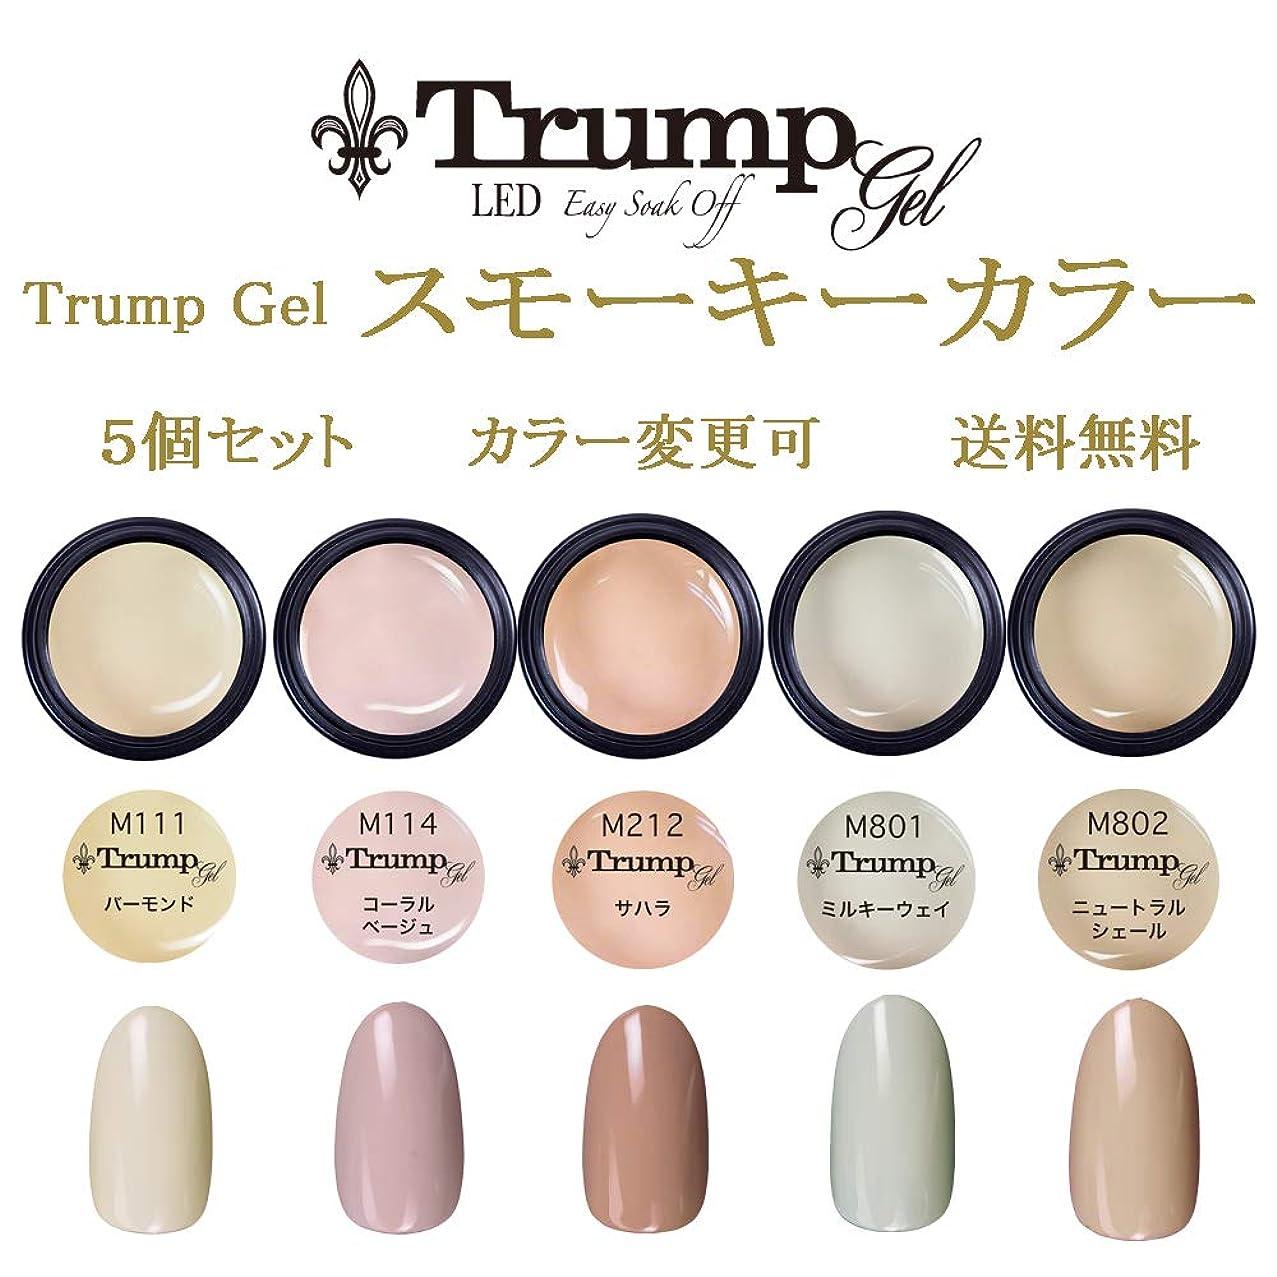 居心地の良い規制エチケット日本製 Trump gel トランプジェル スモーキーカラー 選べる カラージェル 5個セット スモーク ベージュ グレー ブラウン ピンク